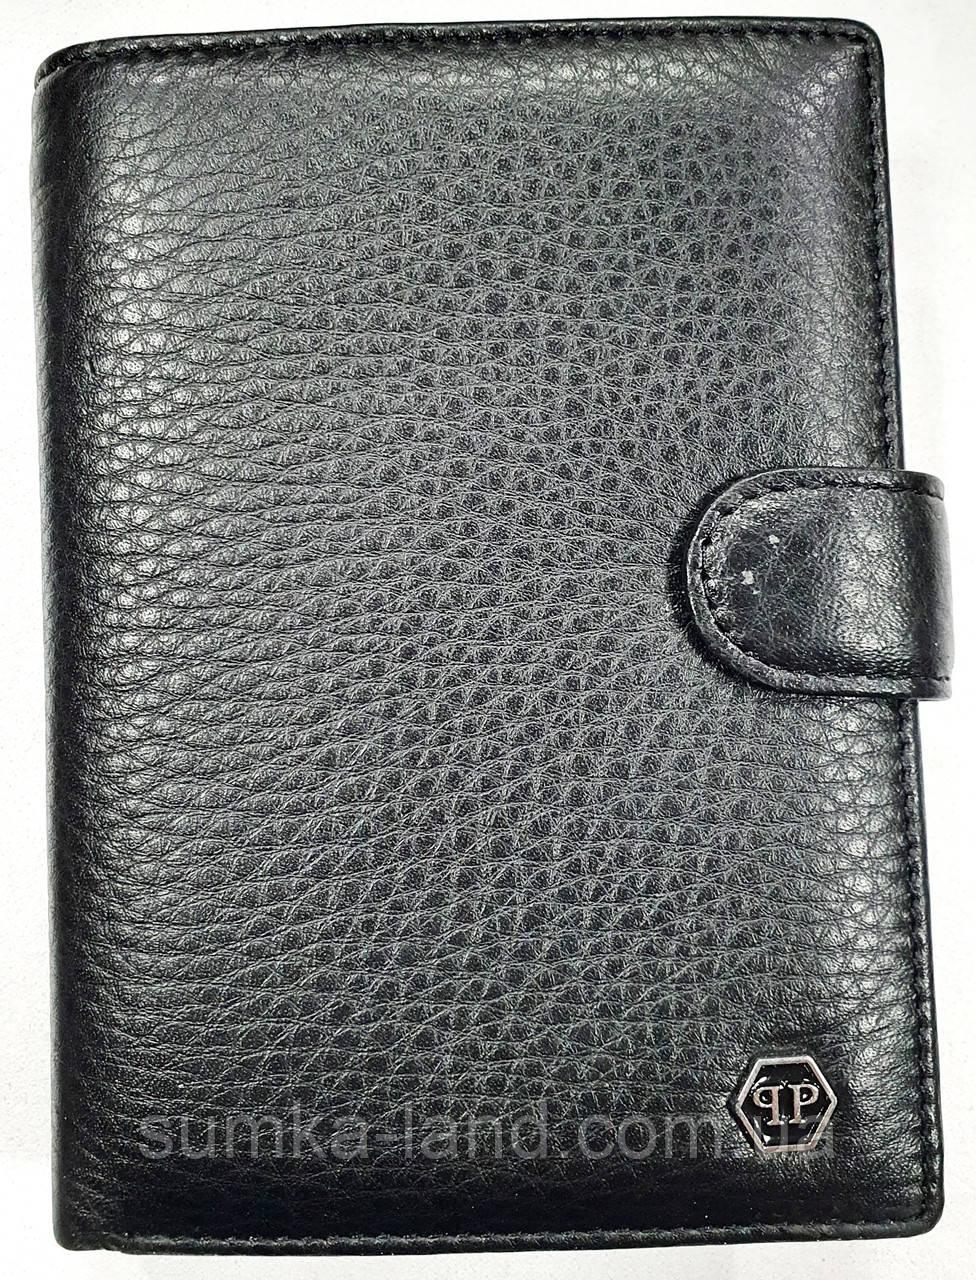 Мужской черный кошелек Philip Plein из натуральной кожи с документами 10*14 см